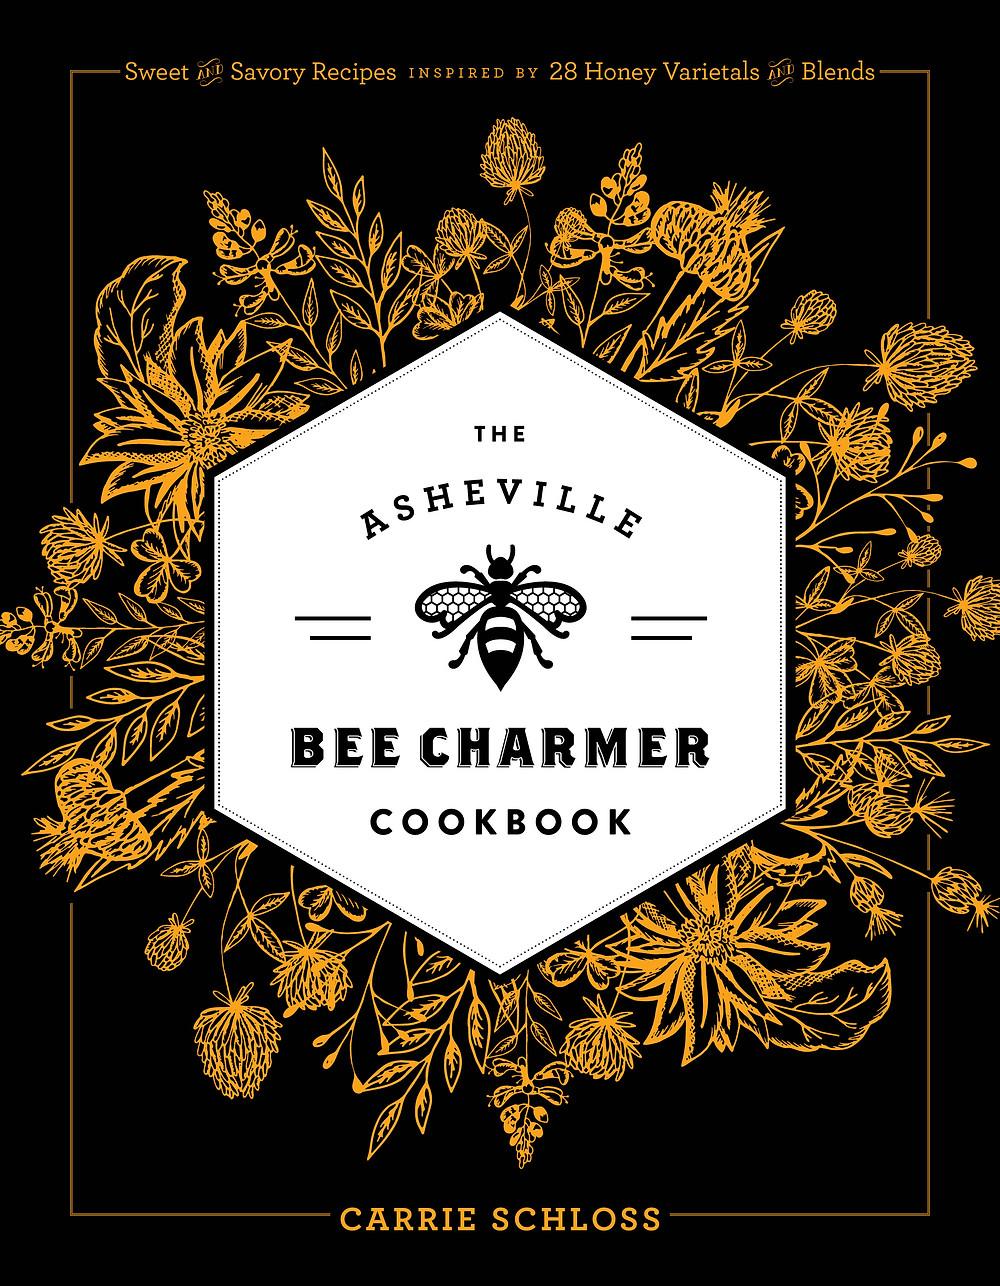 Asheville Bee Charmer Cookbook Hi-Res image